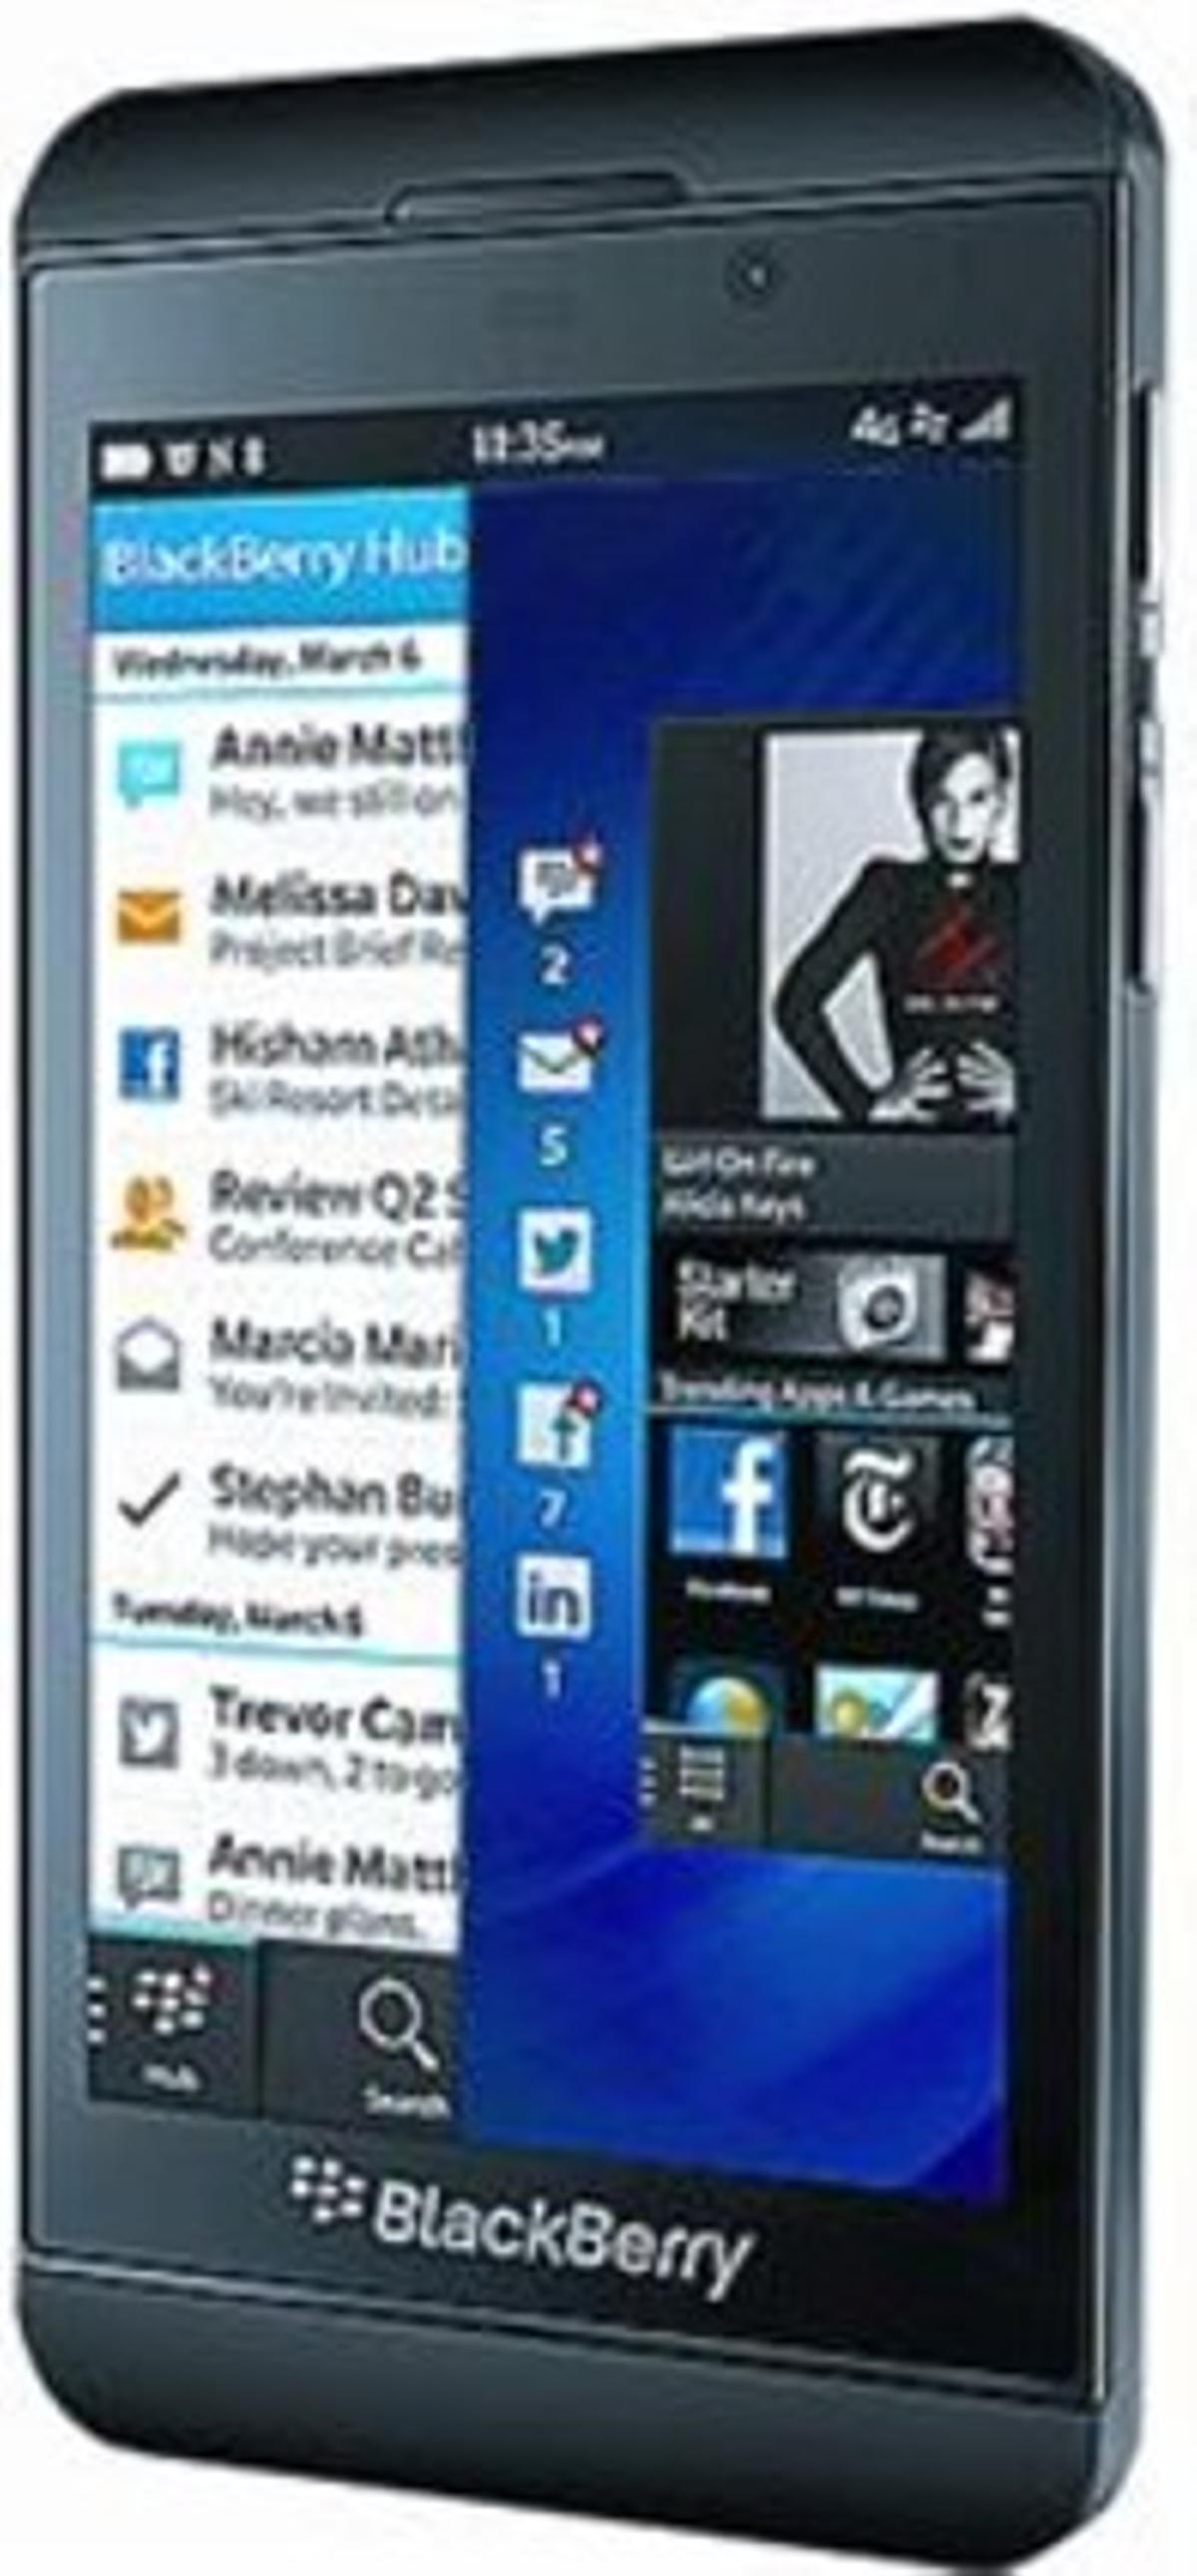 Z10 3 Blackberry, 'smartphone' táctil con NFC, para los pagos con móvil, capacitado para funcionar en redes 4G LTE.